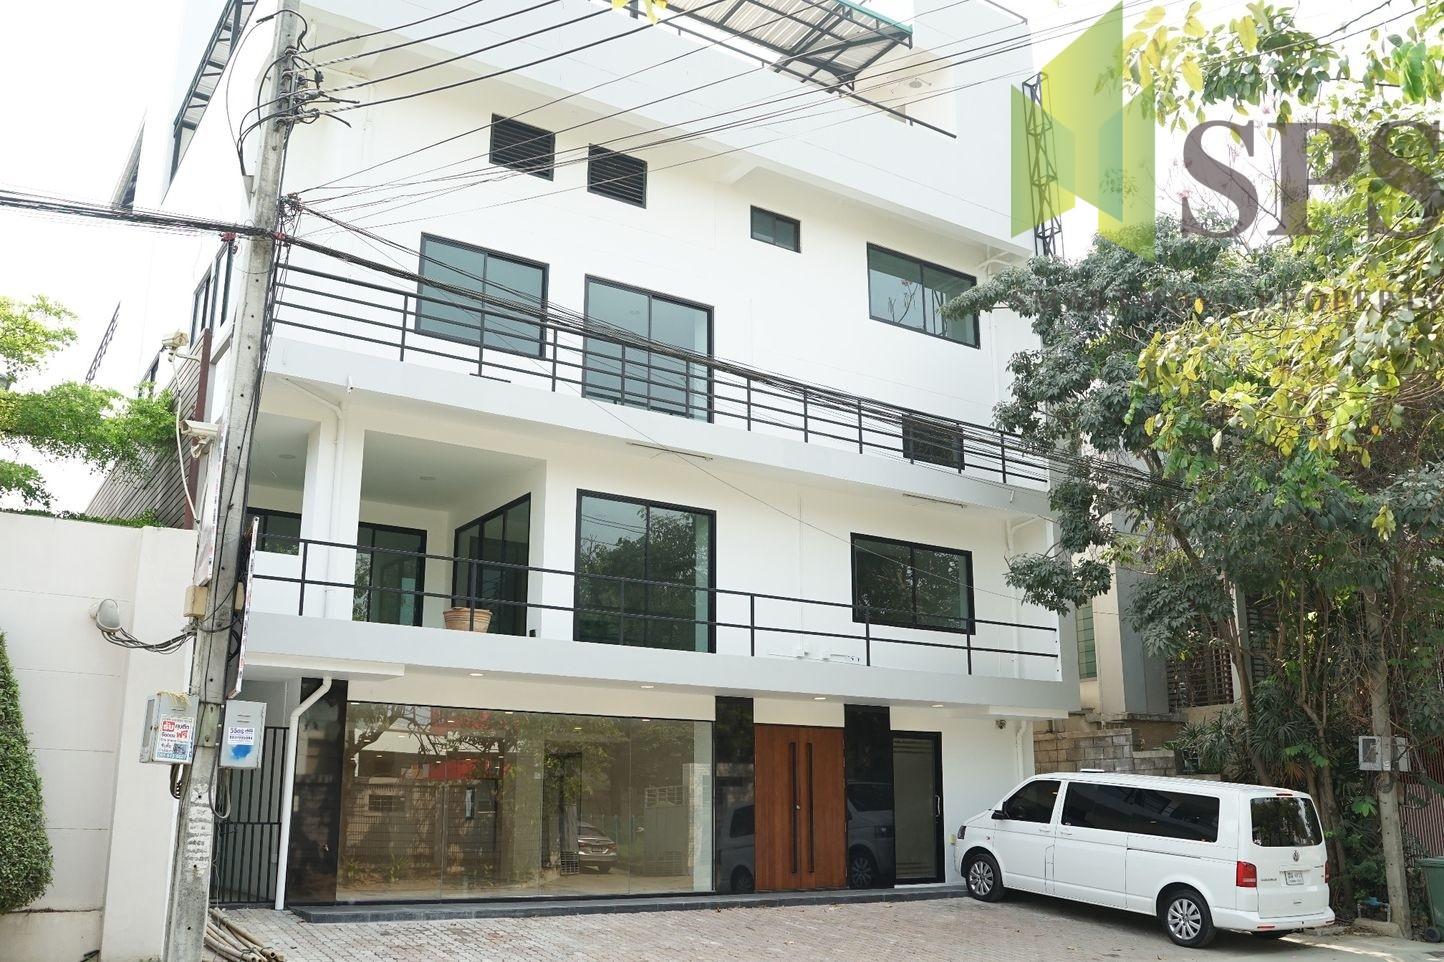 อาคารสำนักงานให้เช่าใกล้ห้างพาราไดซ์ศรีนครินทร์ For Rent Office building near Paradise park Srinakarin ( SPSPE353)